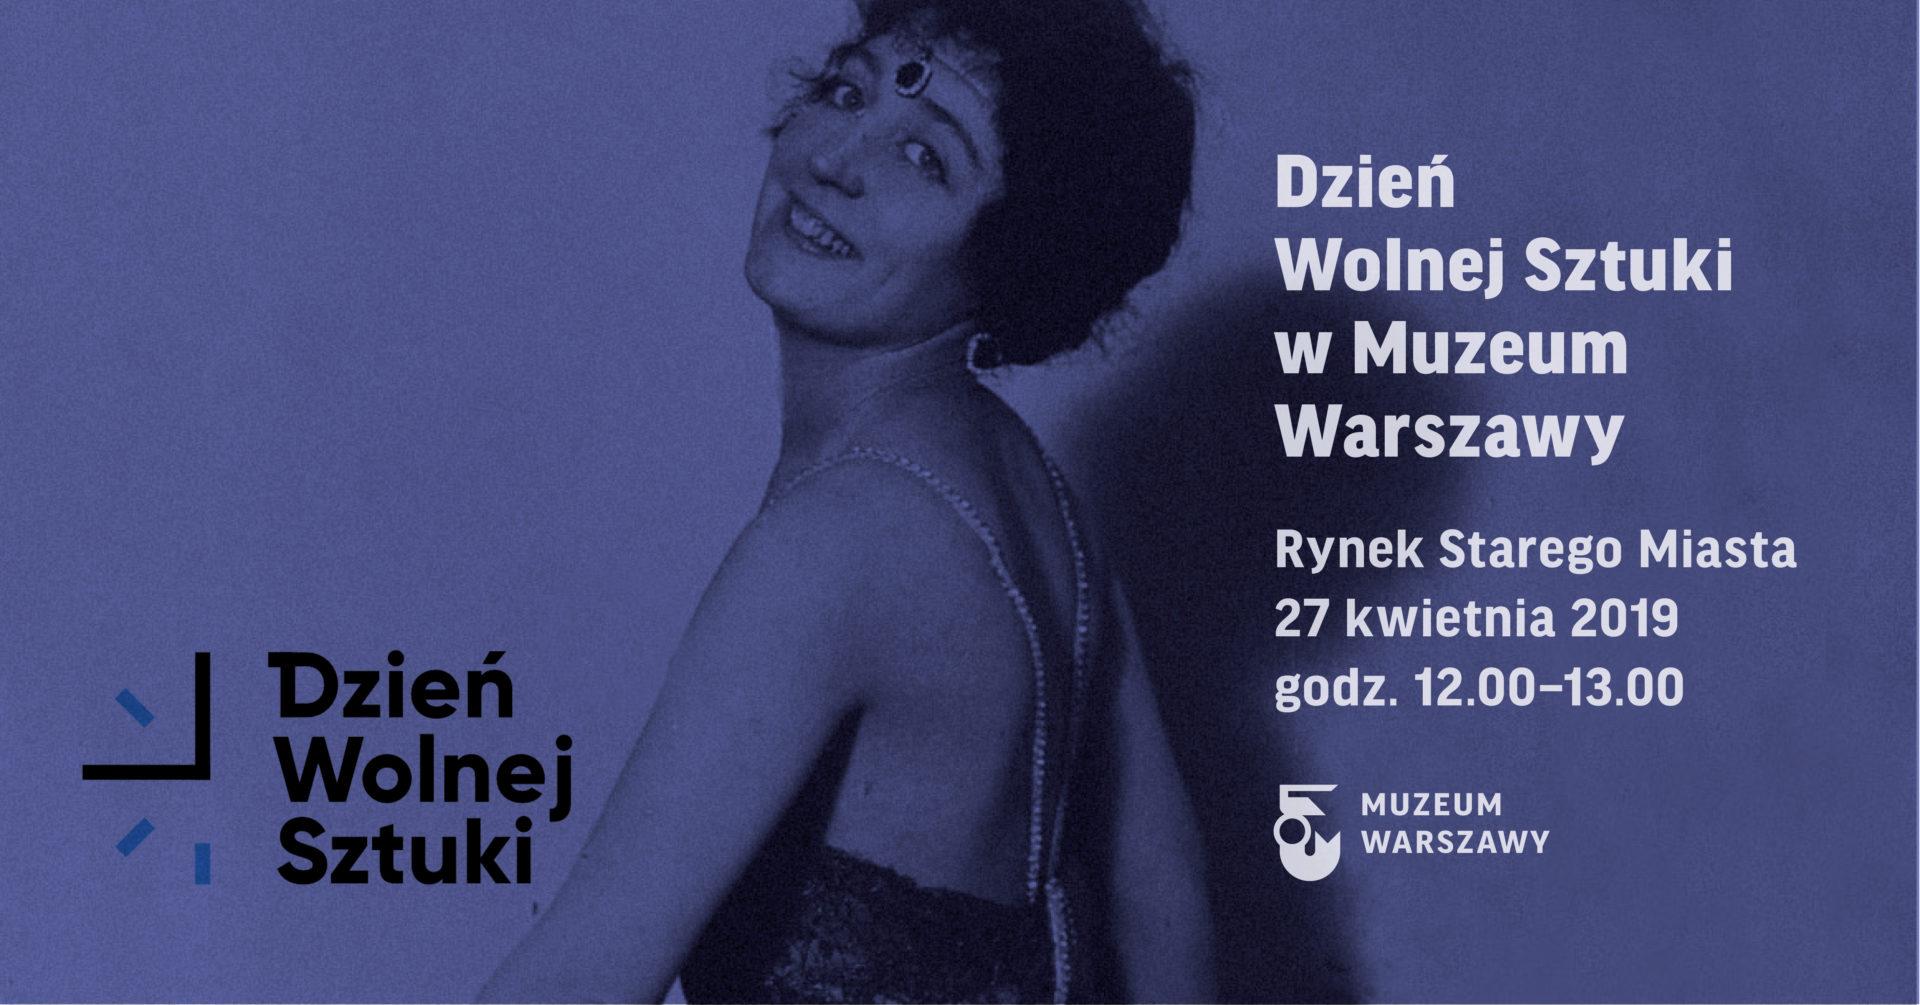 Dzień Wolnej Sztuki wMuzeum Warszawy